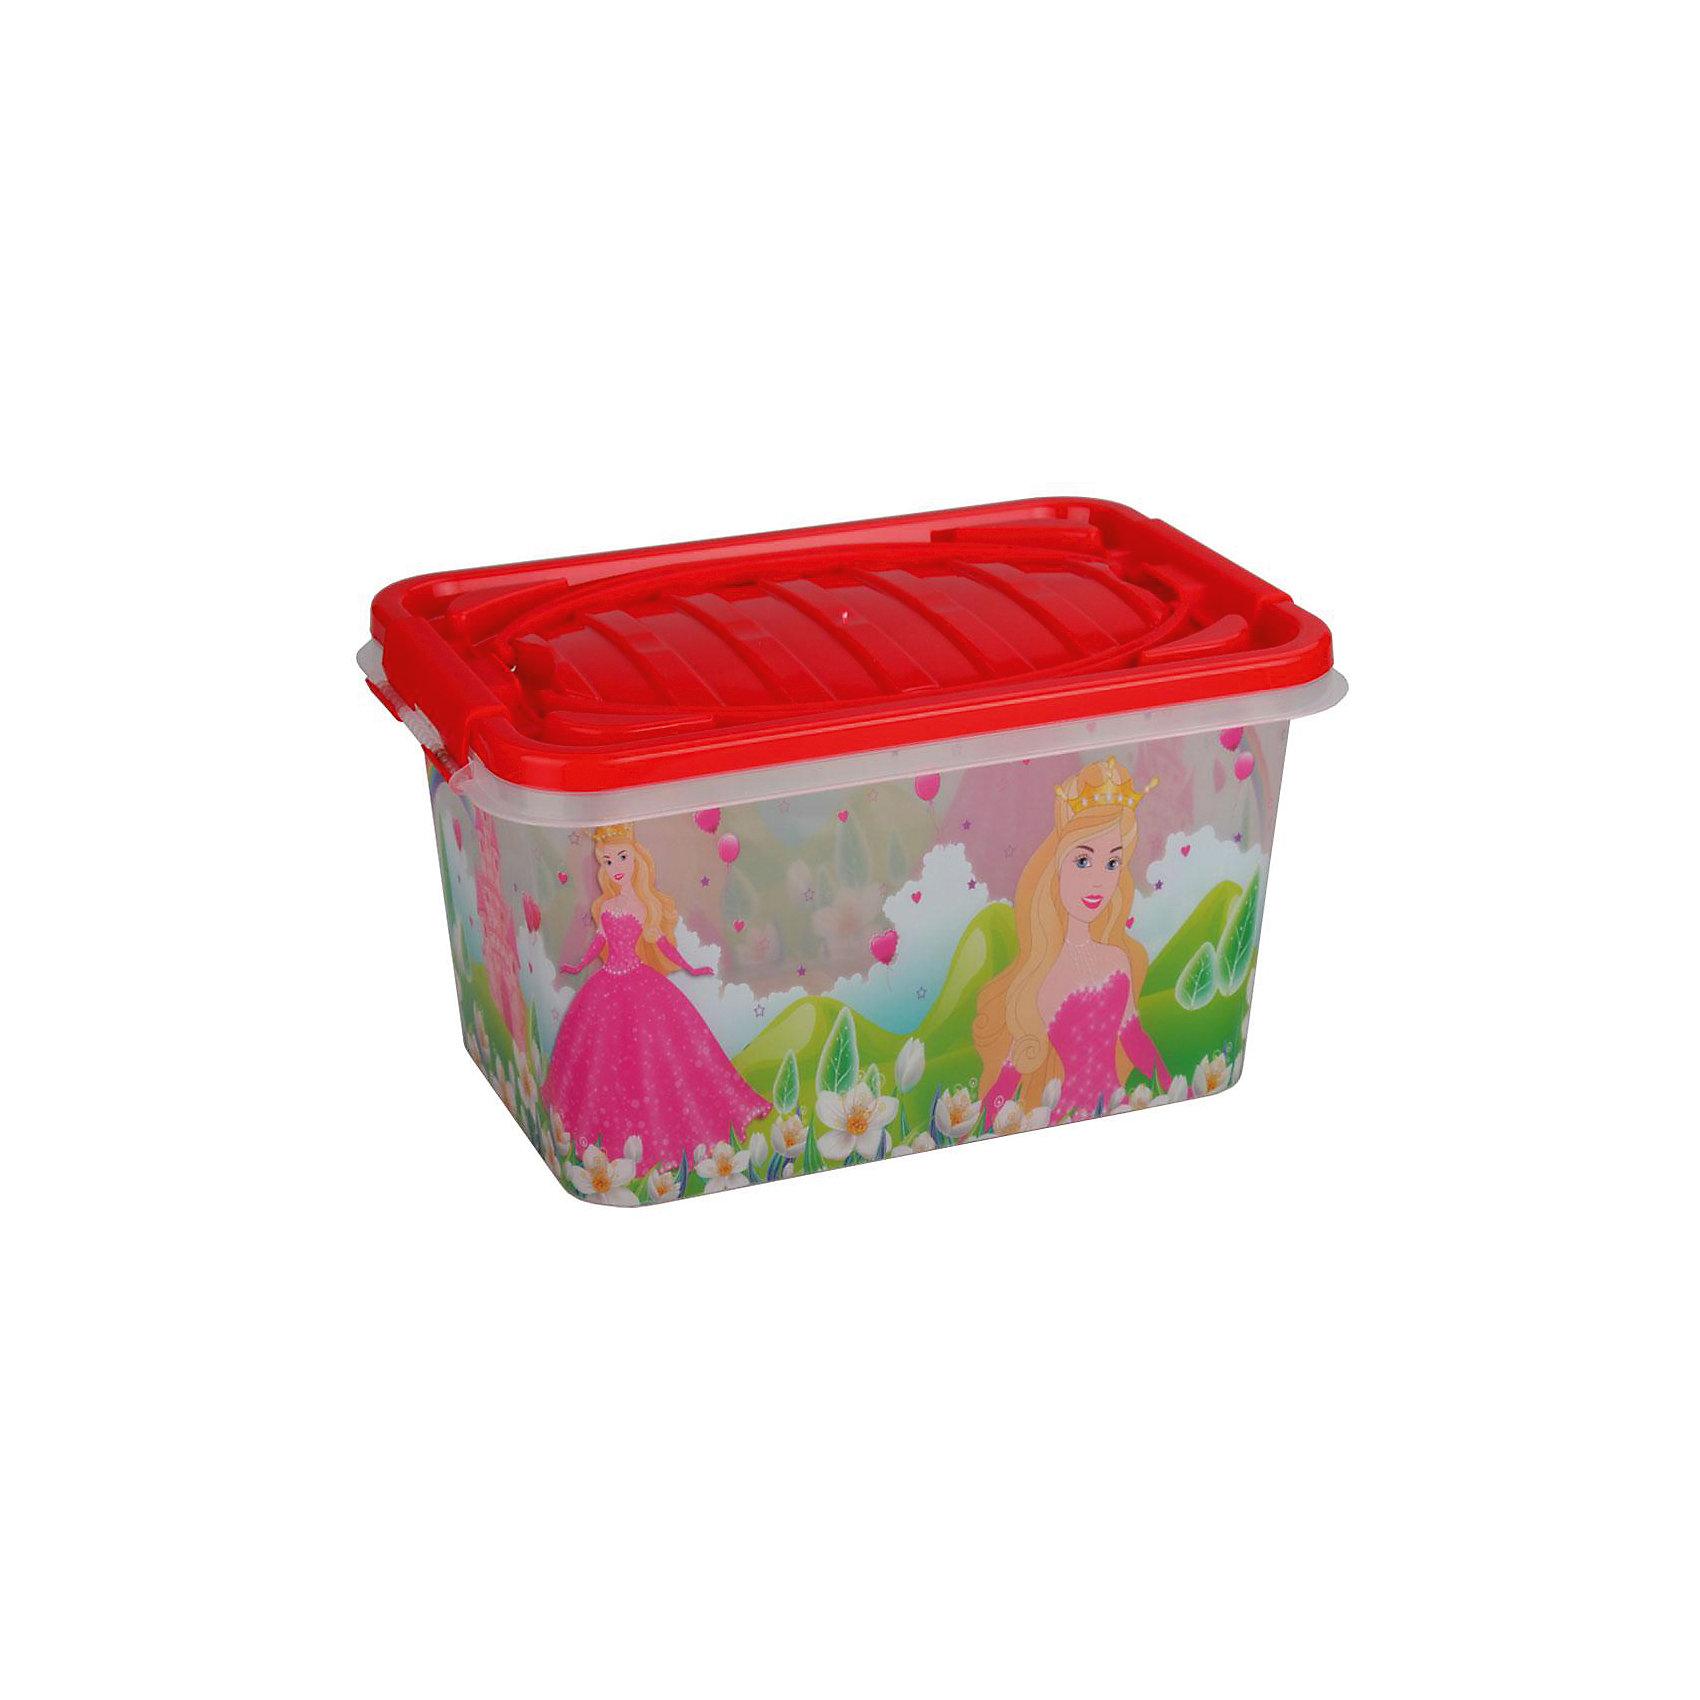 Контейнер Принцесса прямоугольный 15л. ,  AlternativaПорядок в детской<br>Принцесса - удобный и вместительный контейнер для девочки. Он выполнен из пластика, надежно закрывается крышкой и украшен рисунком с прекрасной принцессой. Отлично подойдет для хранения самых ценных вещей малышки.<br><br>Дополнительная информация:<br>Материал: пластик<br>Объем: 15 л<br>Размер: 39х26,5х21 см<br><br>Контейнер Принцесса вы можете приобрести в нашем интернет-магазине.<br><br>Ширина мм: 390<br>Глубина мм: 265<br>Высота мм: 210<br>Вес г: 686<br>Возраст от месяцев: 36<br>Возраст до месяцев: 144<br>Пол: Унисекс<br>Возраст: Детский<br>SKU: 4979718